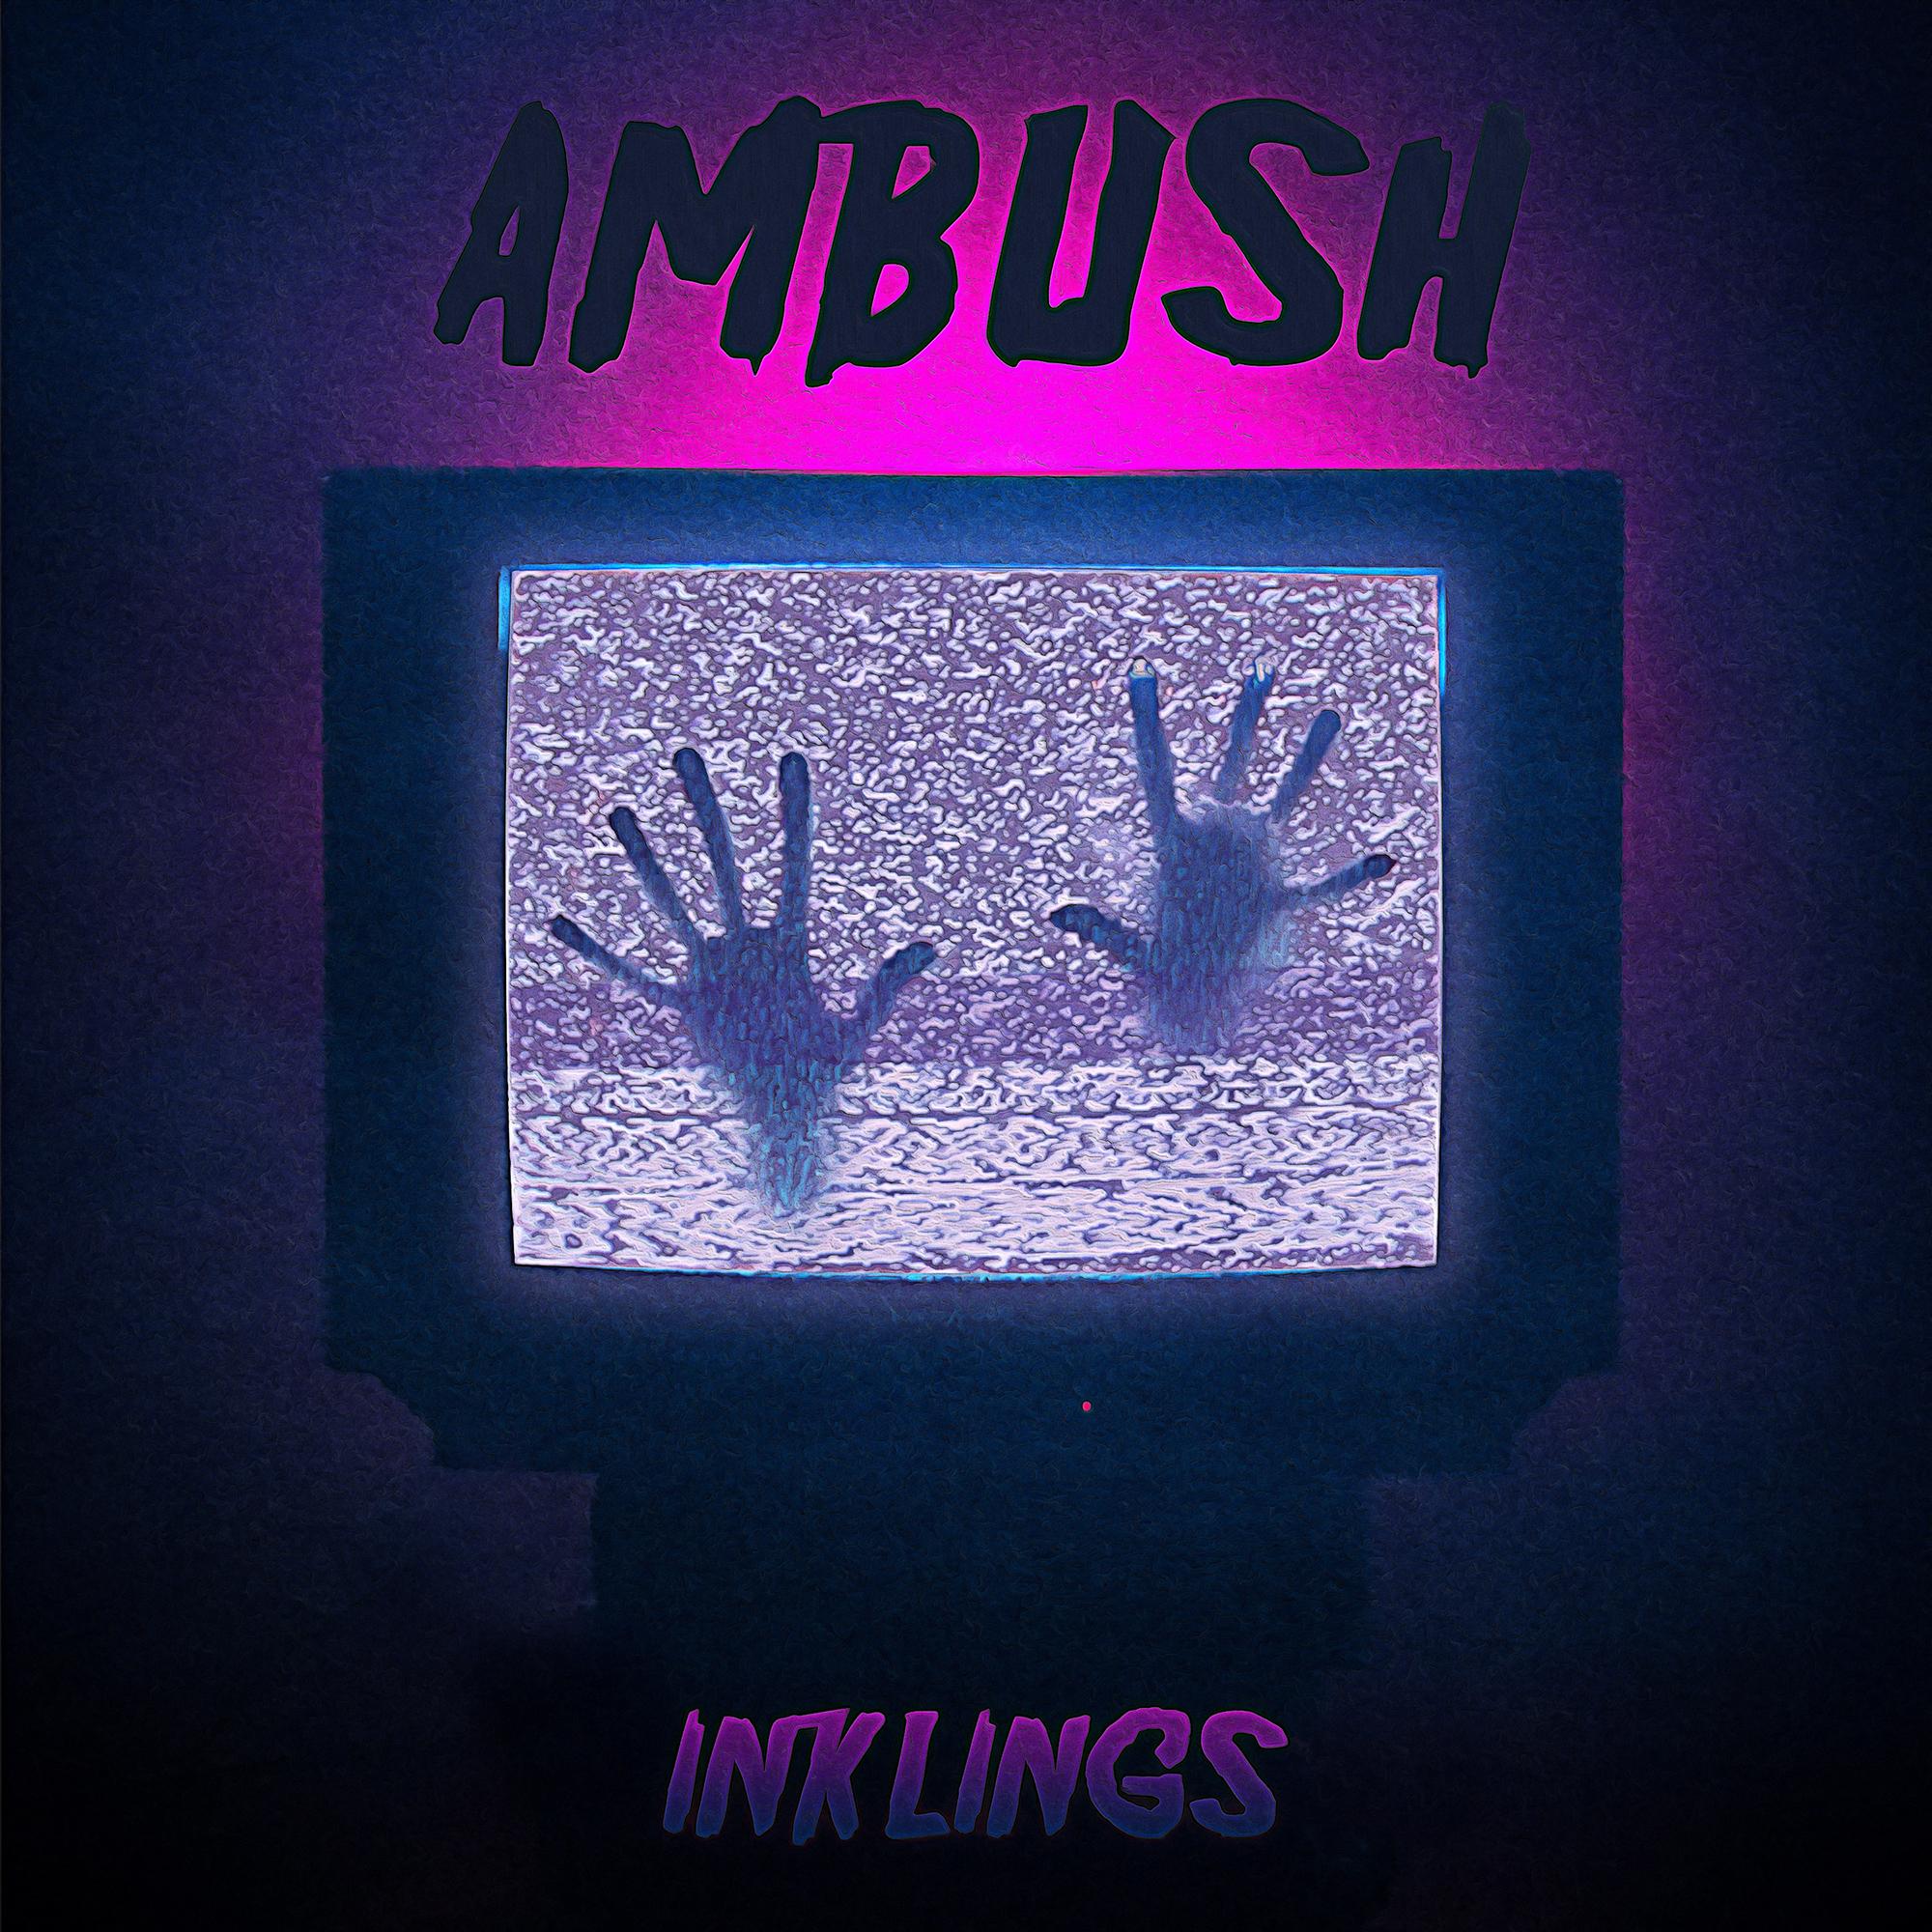 Inklings - Ambush 2000x2000.jpg